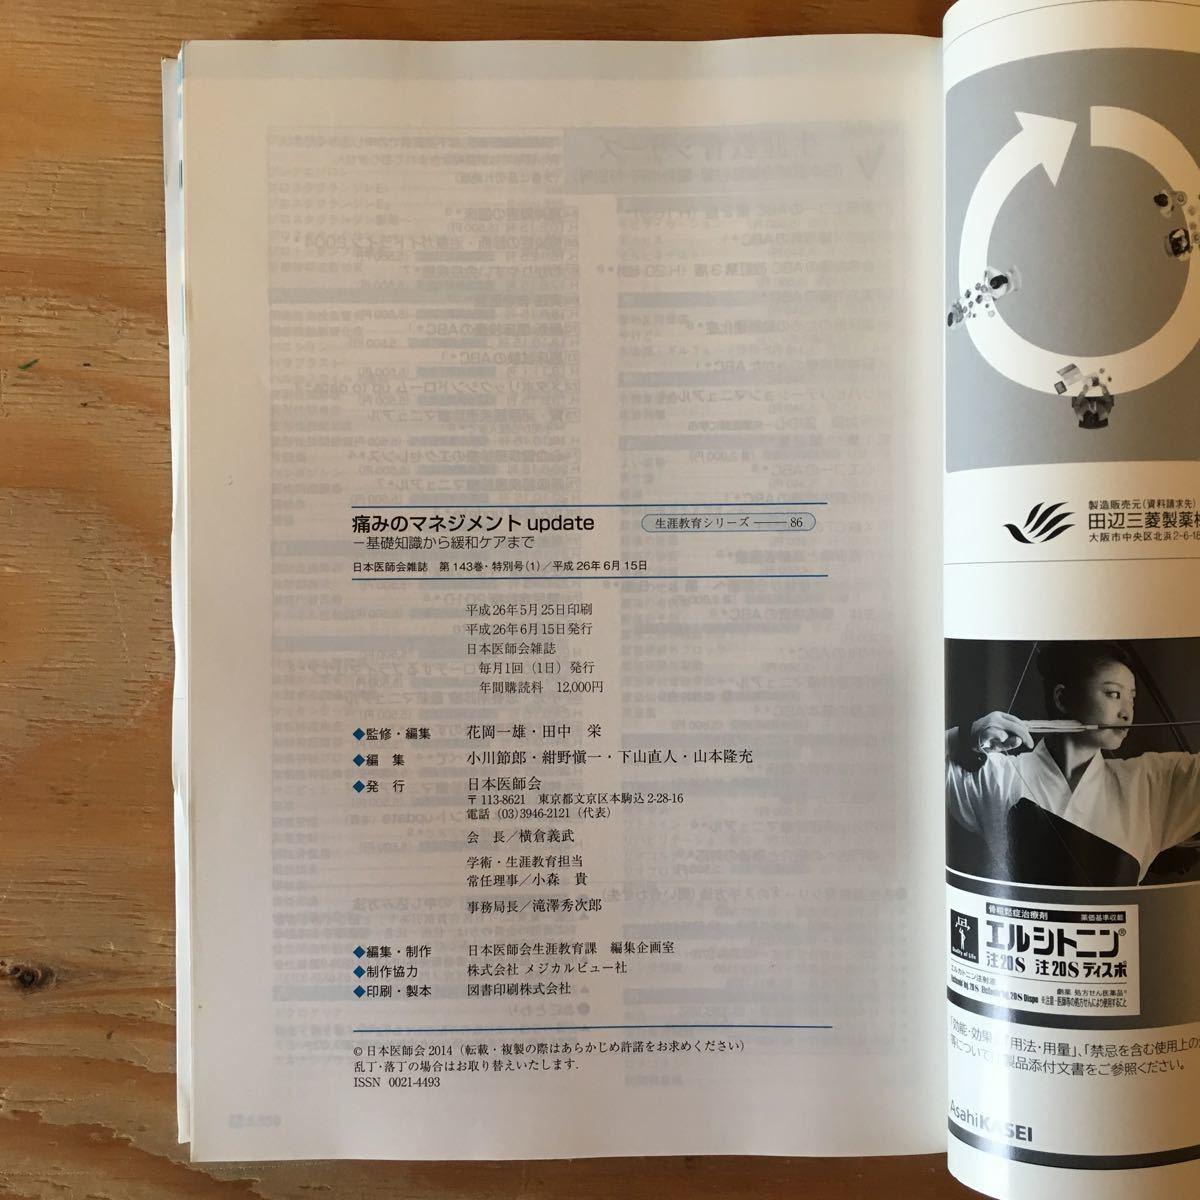 Y3FKD-200703 レア[痛みのマネジメント 基礎知識から緩和ケアまで 日本医師会雑誌 第143巻 特別号(1) 生涯教育シリーズ86]カプサイシン_画像6